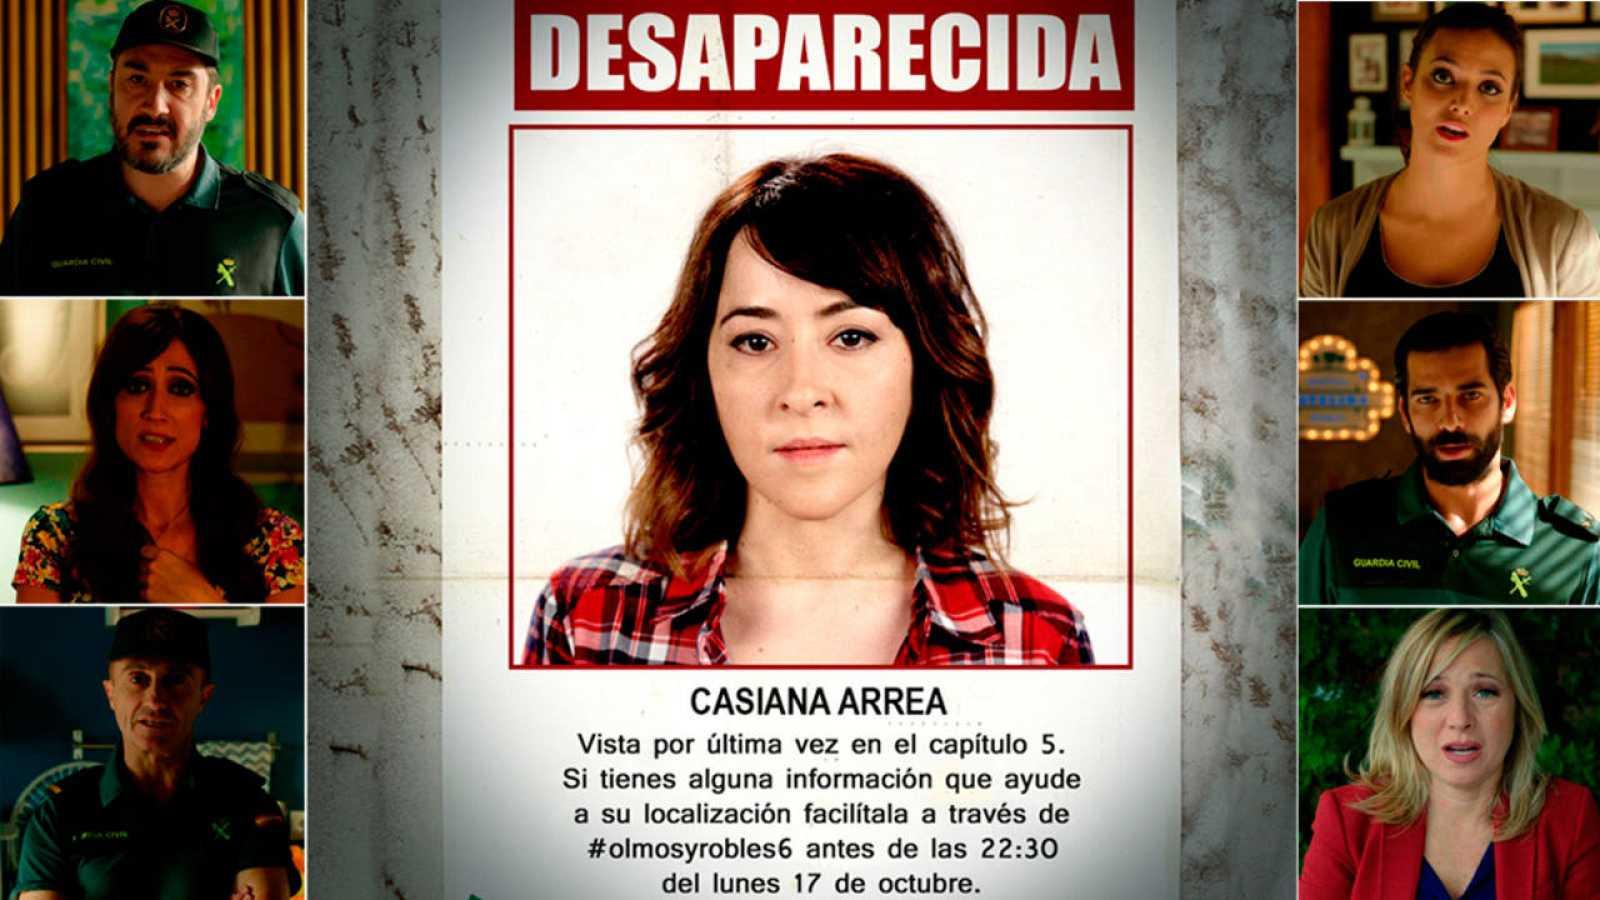 Llamamiento para encontrar a Casiana Arrea